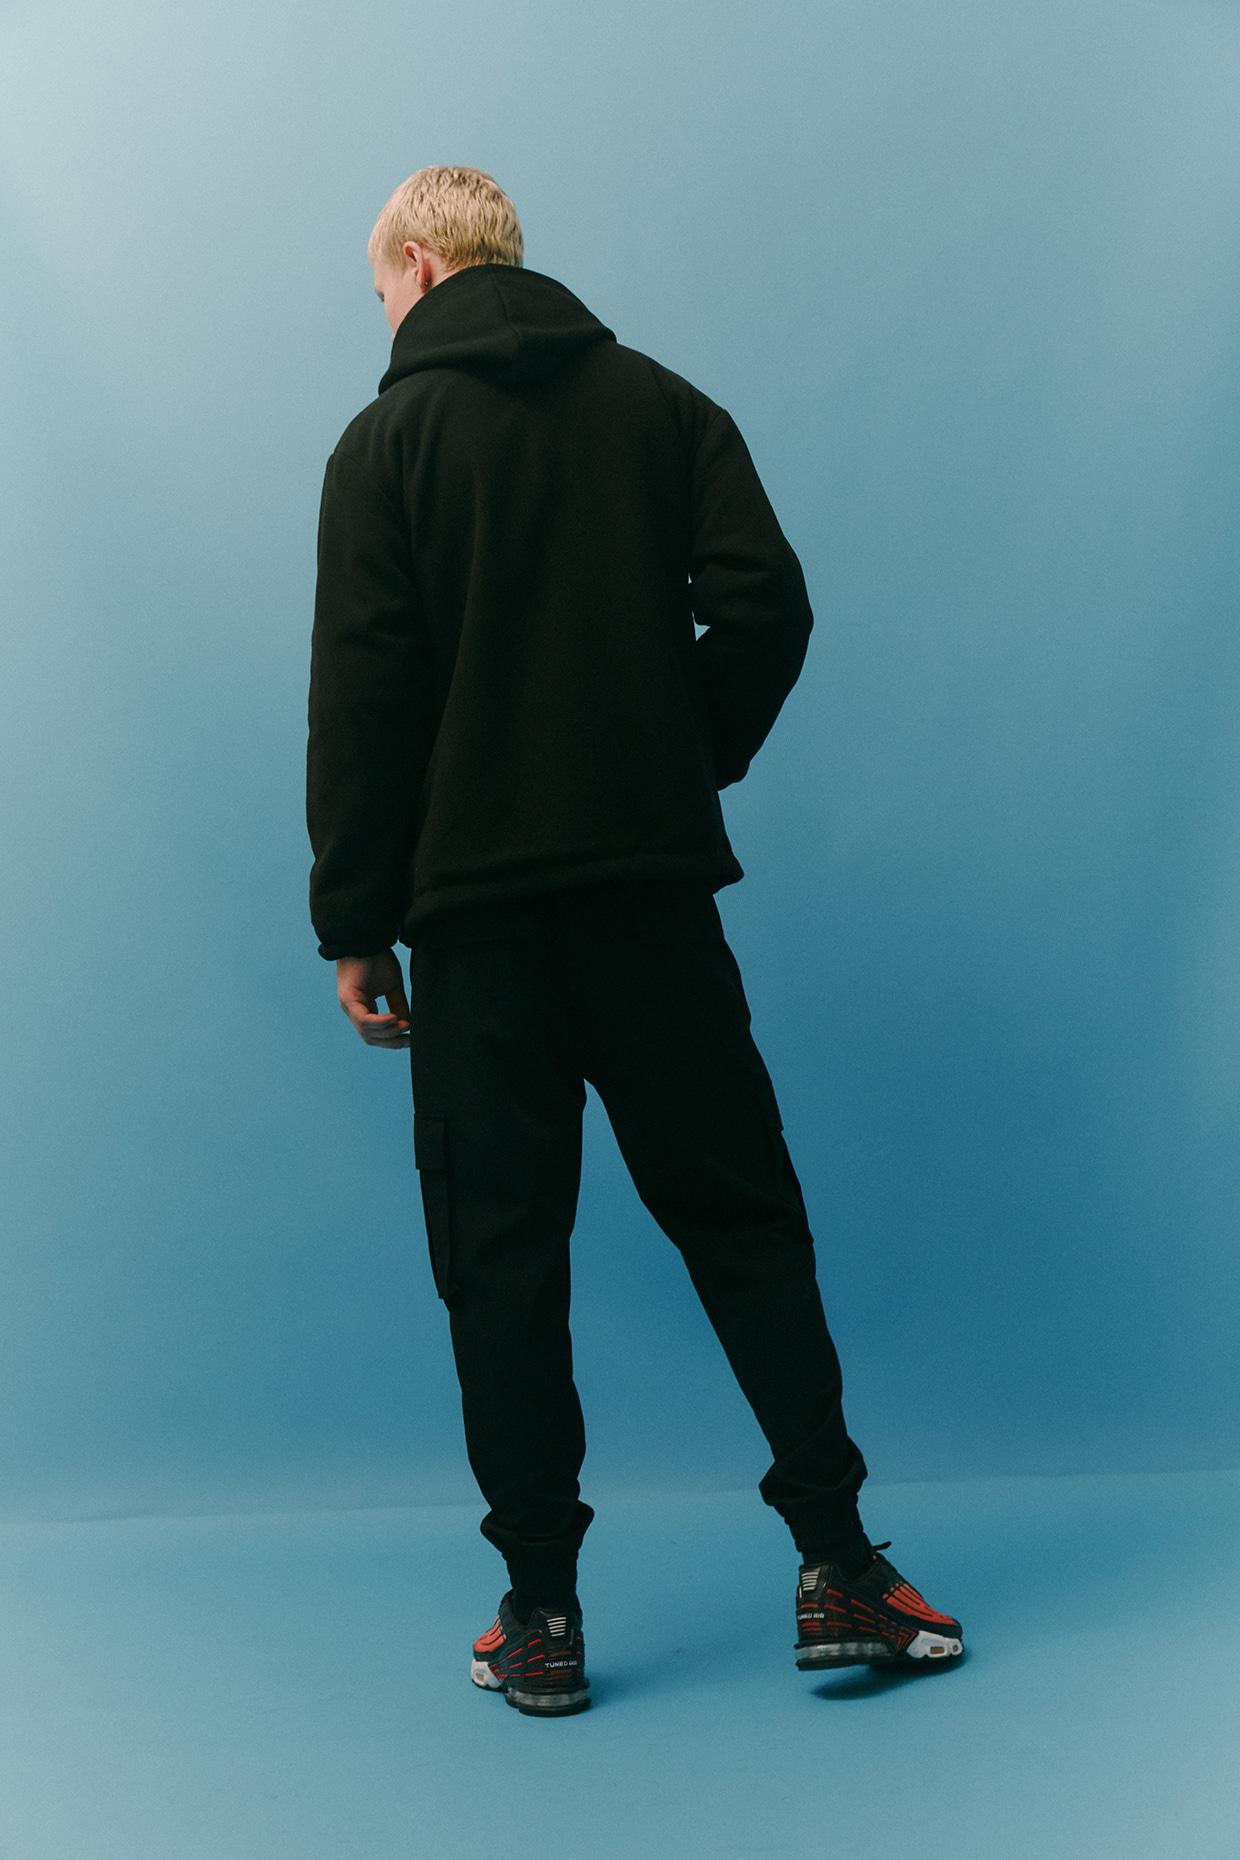 벙커버스터(BUNKERBUSTER) 리버시블 아이코닉 벙커 점퍼 009 BLACK (ML1JU009-076)